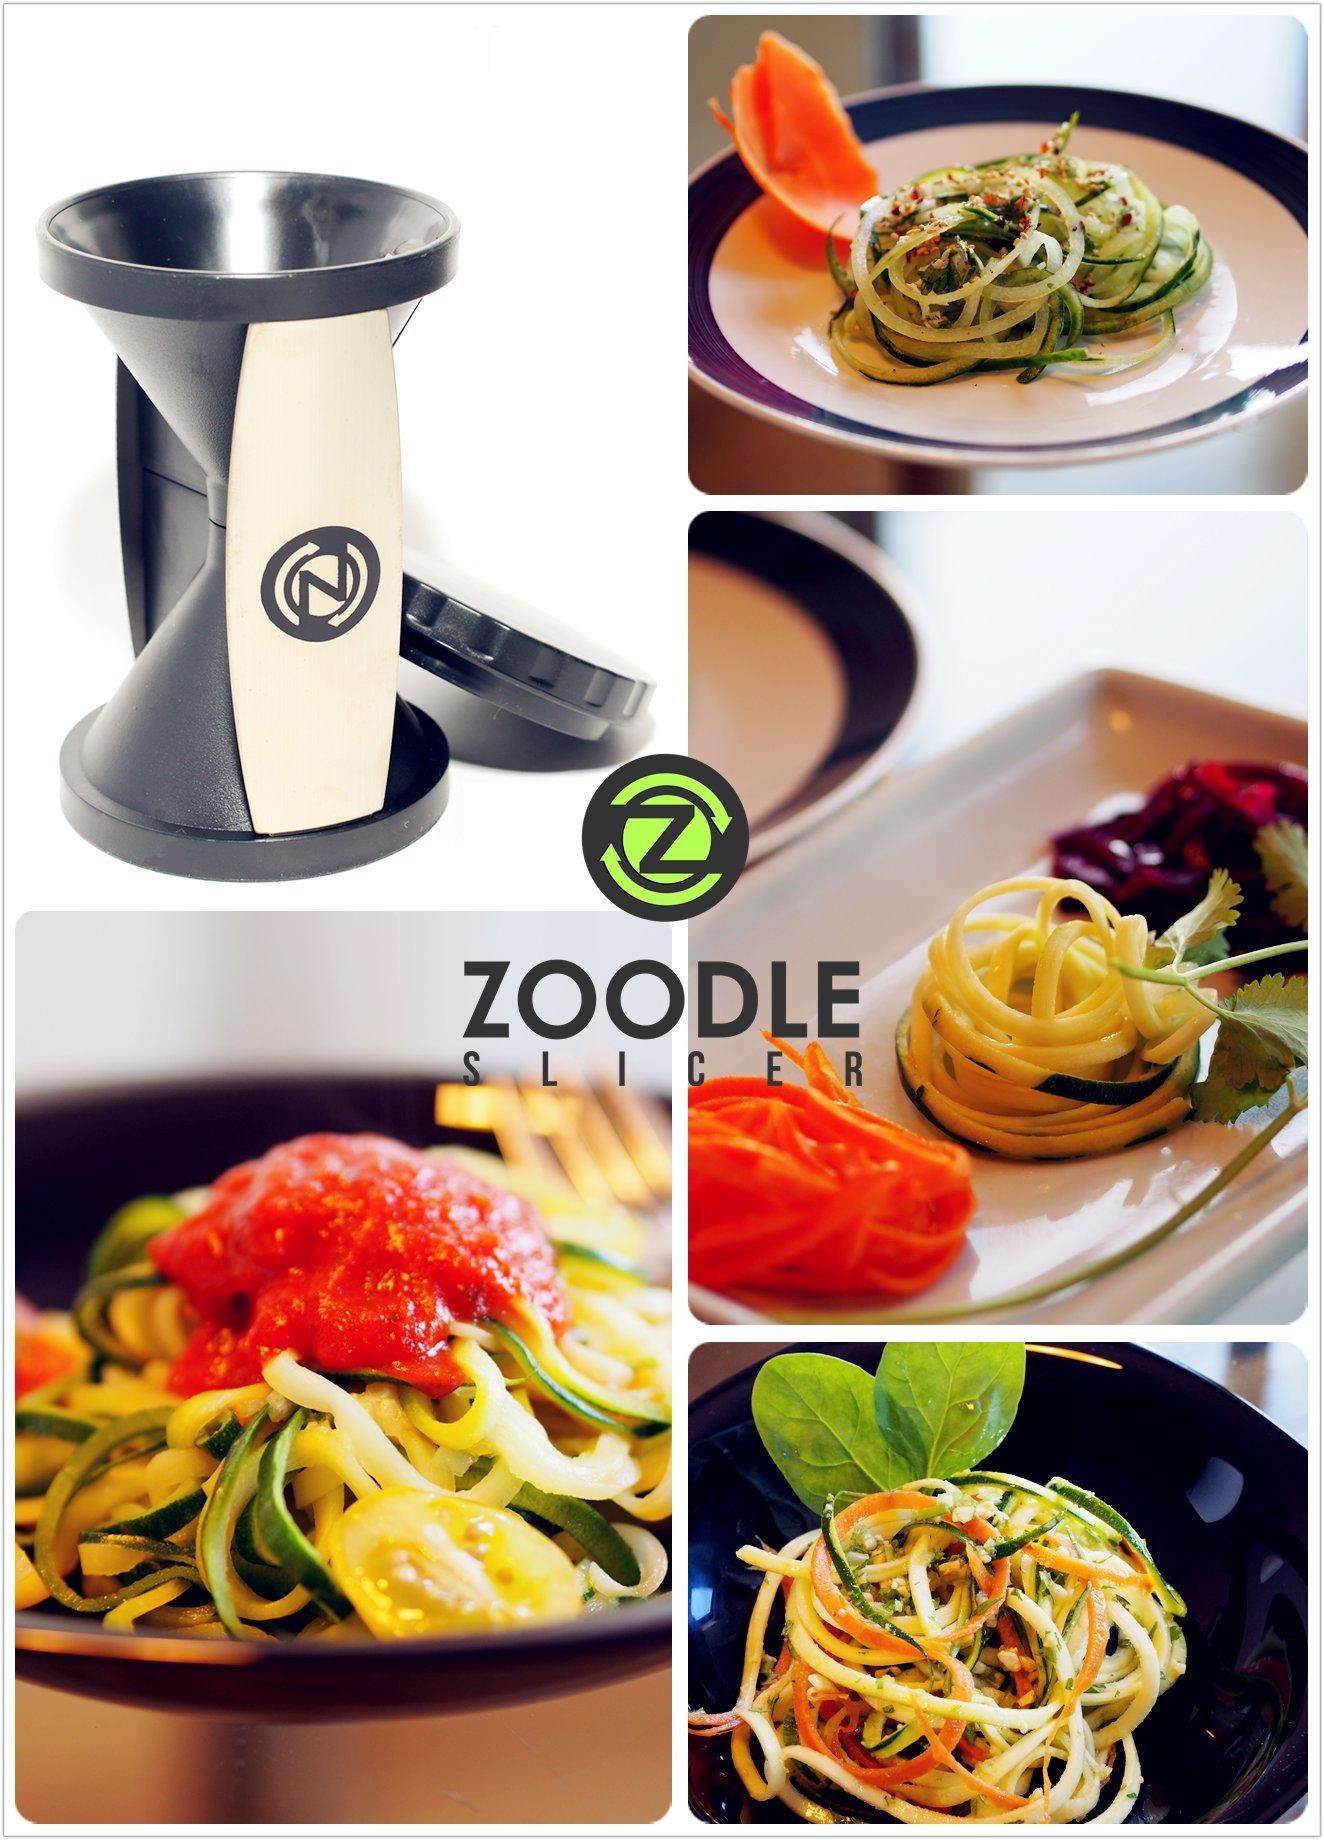 The Original Zoodle Slicer - Complete Vegetable Spiralizer Spiral Slicer Bundle (With Cleaning Brush, Peeler & eBook) by Zoodle Slicer (Image #3)